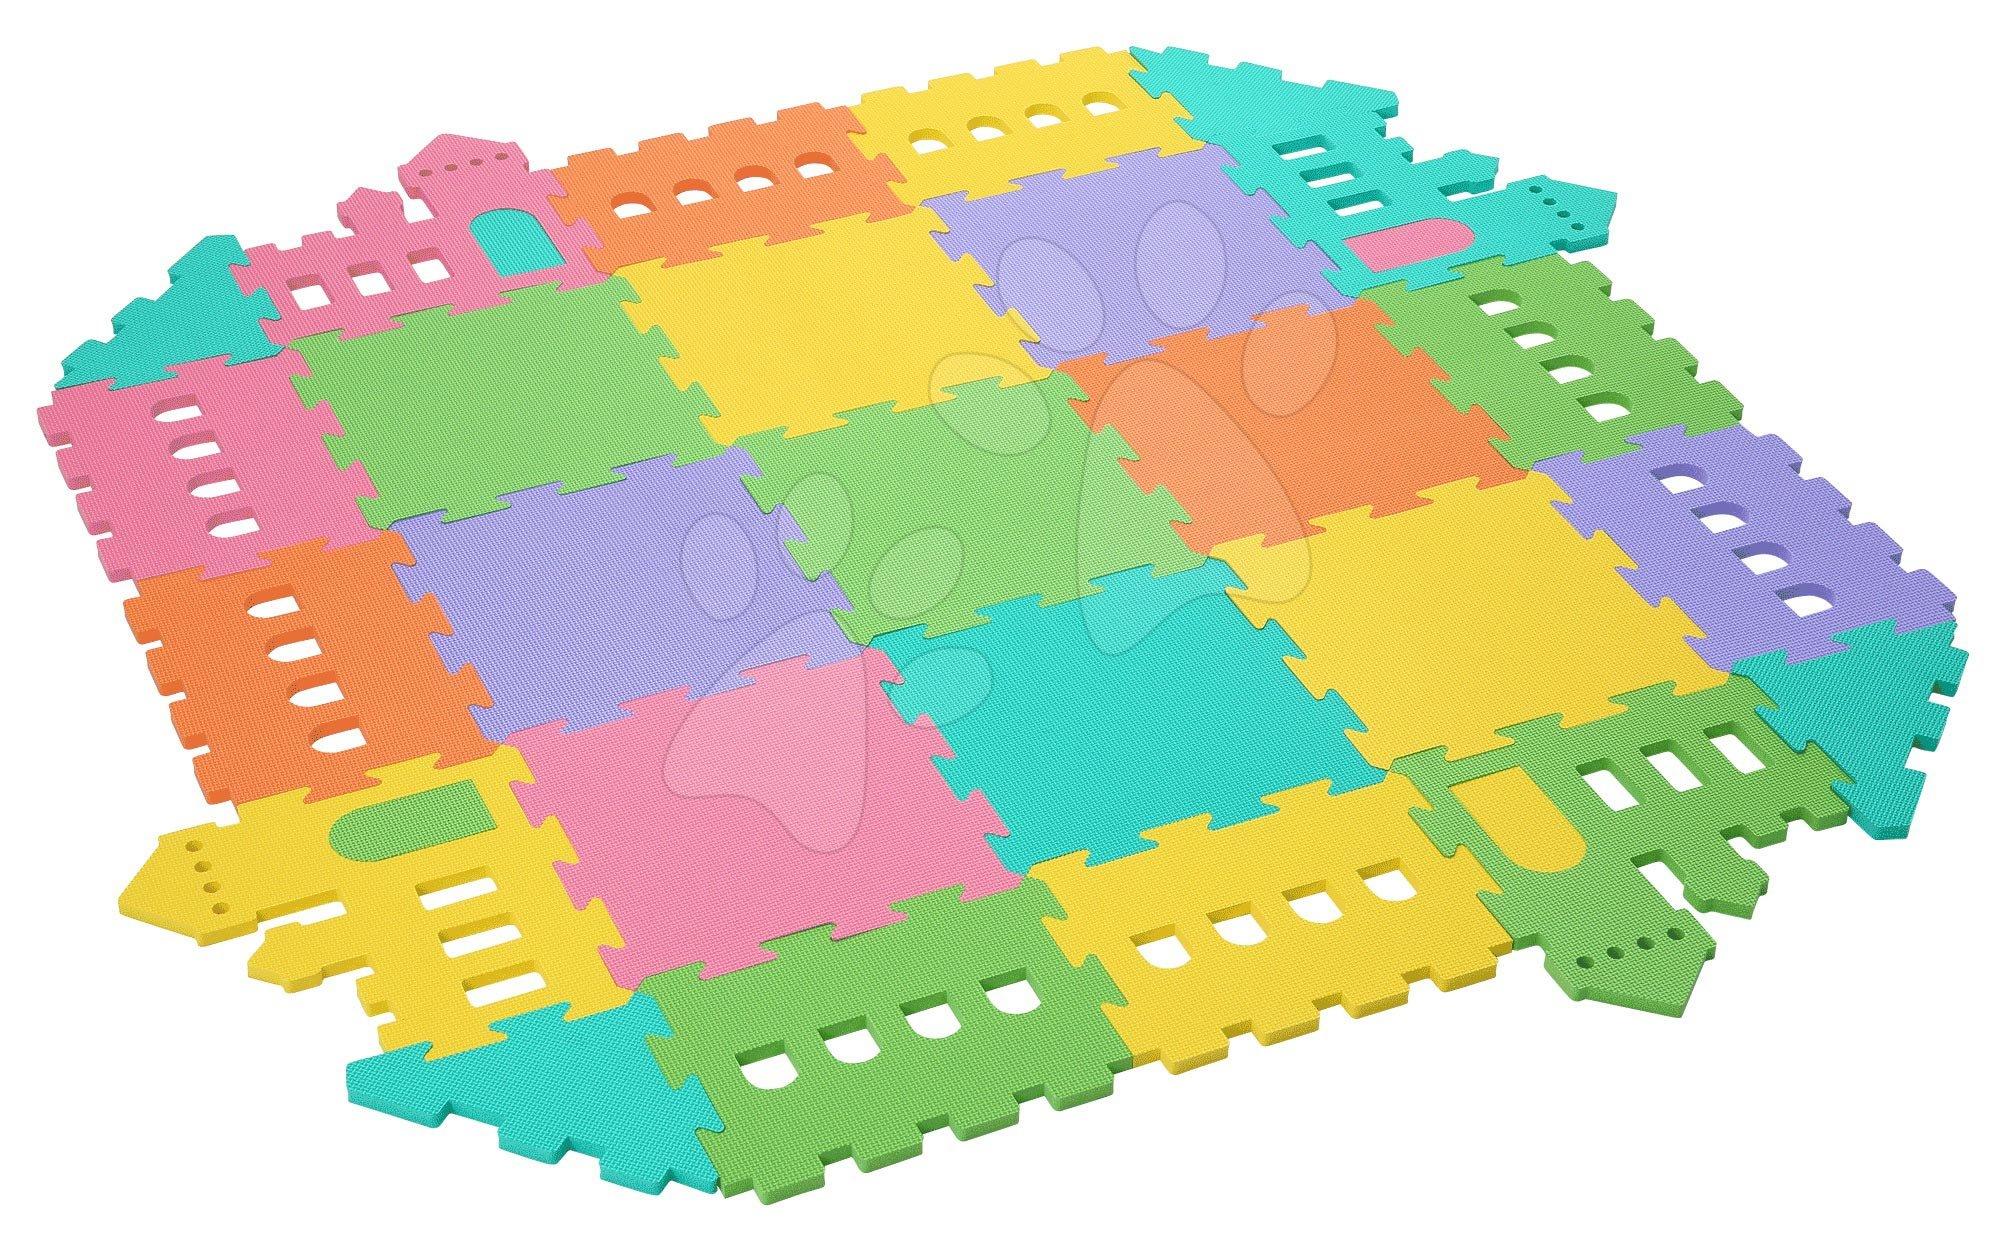 Podlahové puzzle pro miminka - Pěnový koberec hrad Lee Chyun s plotem v tašce pro nejmenšh 25 ks